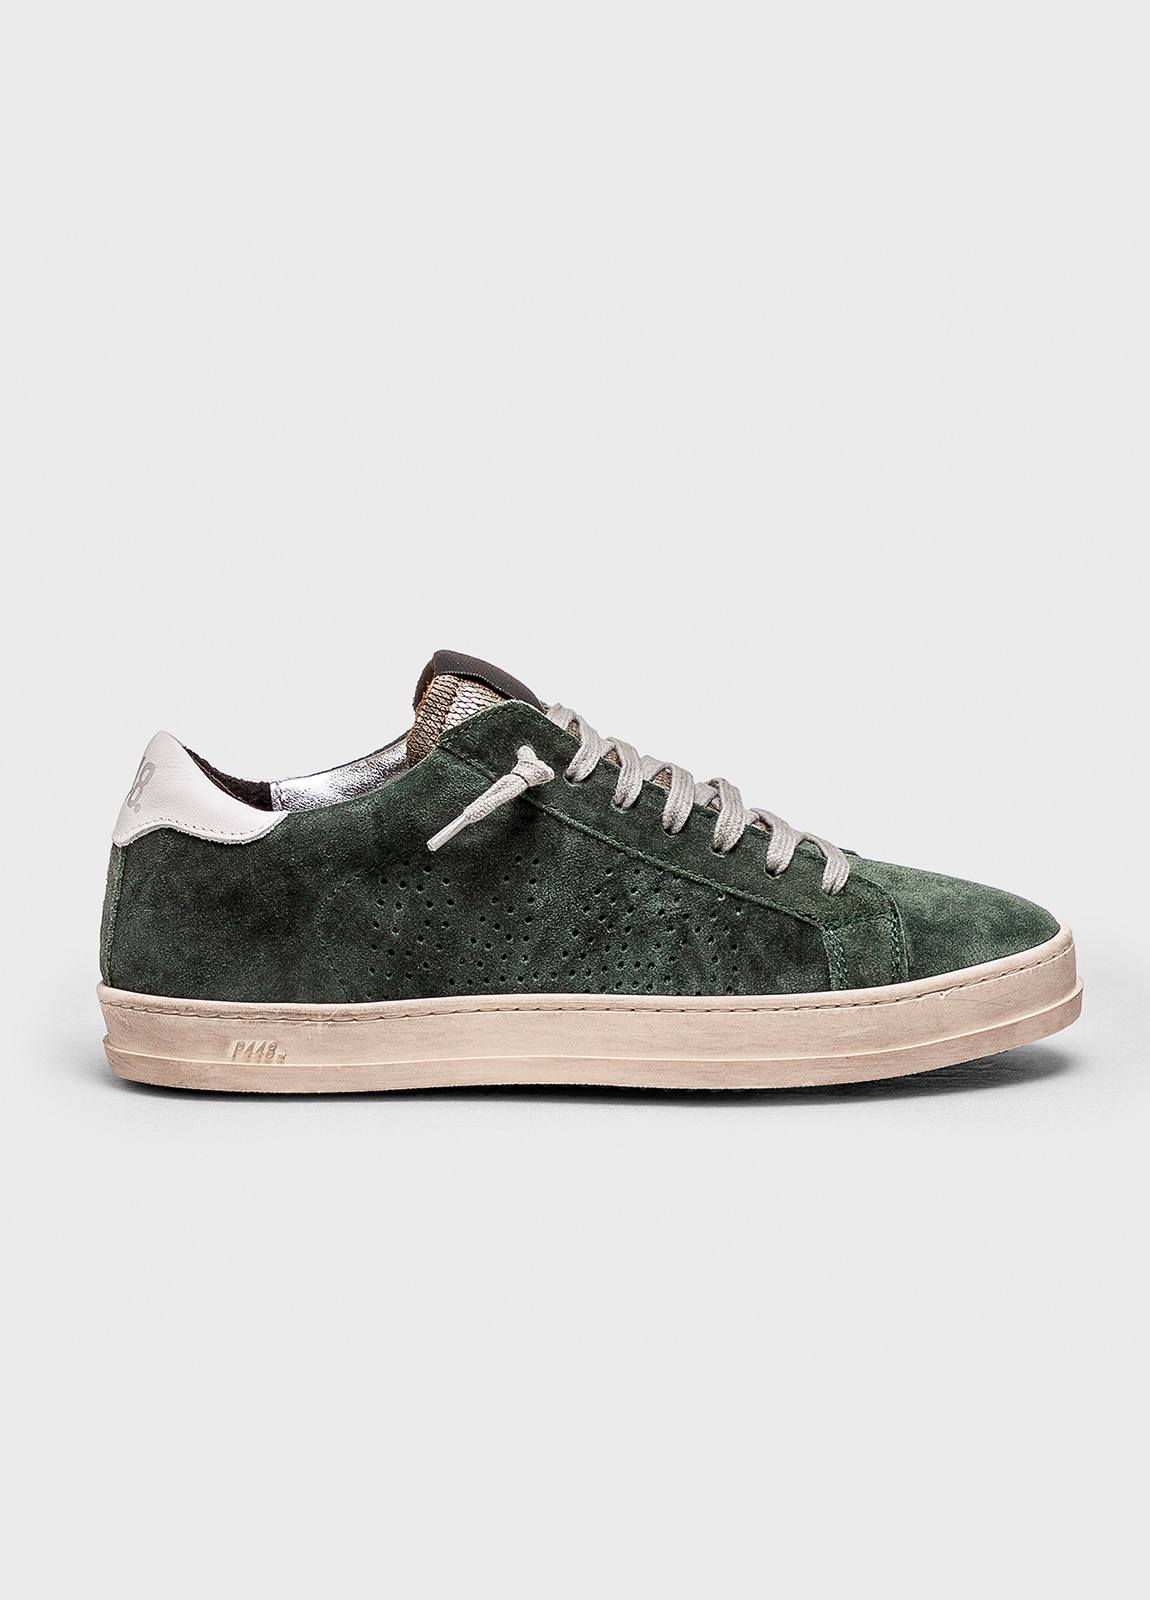 Calzado sport modelo JOHN color verde gastado. Serraje.